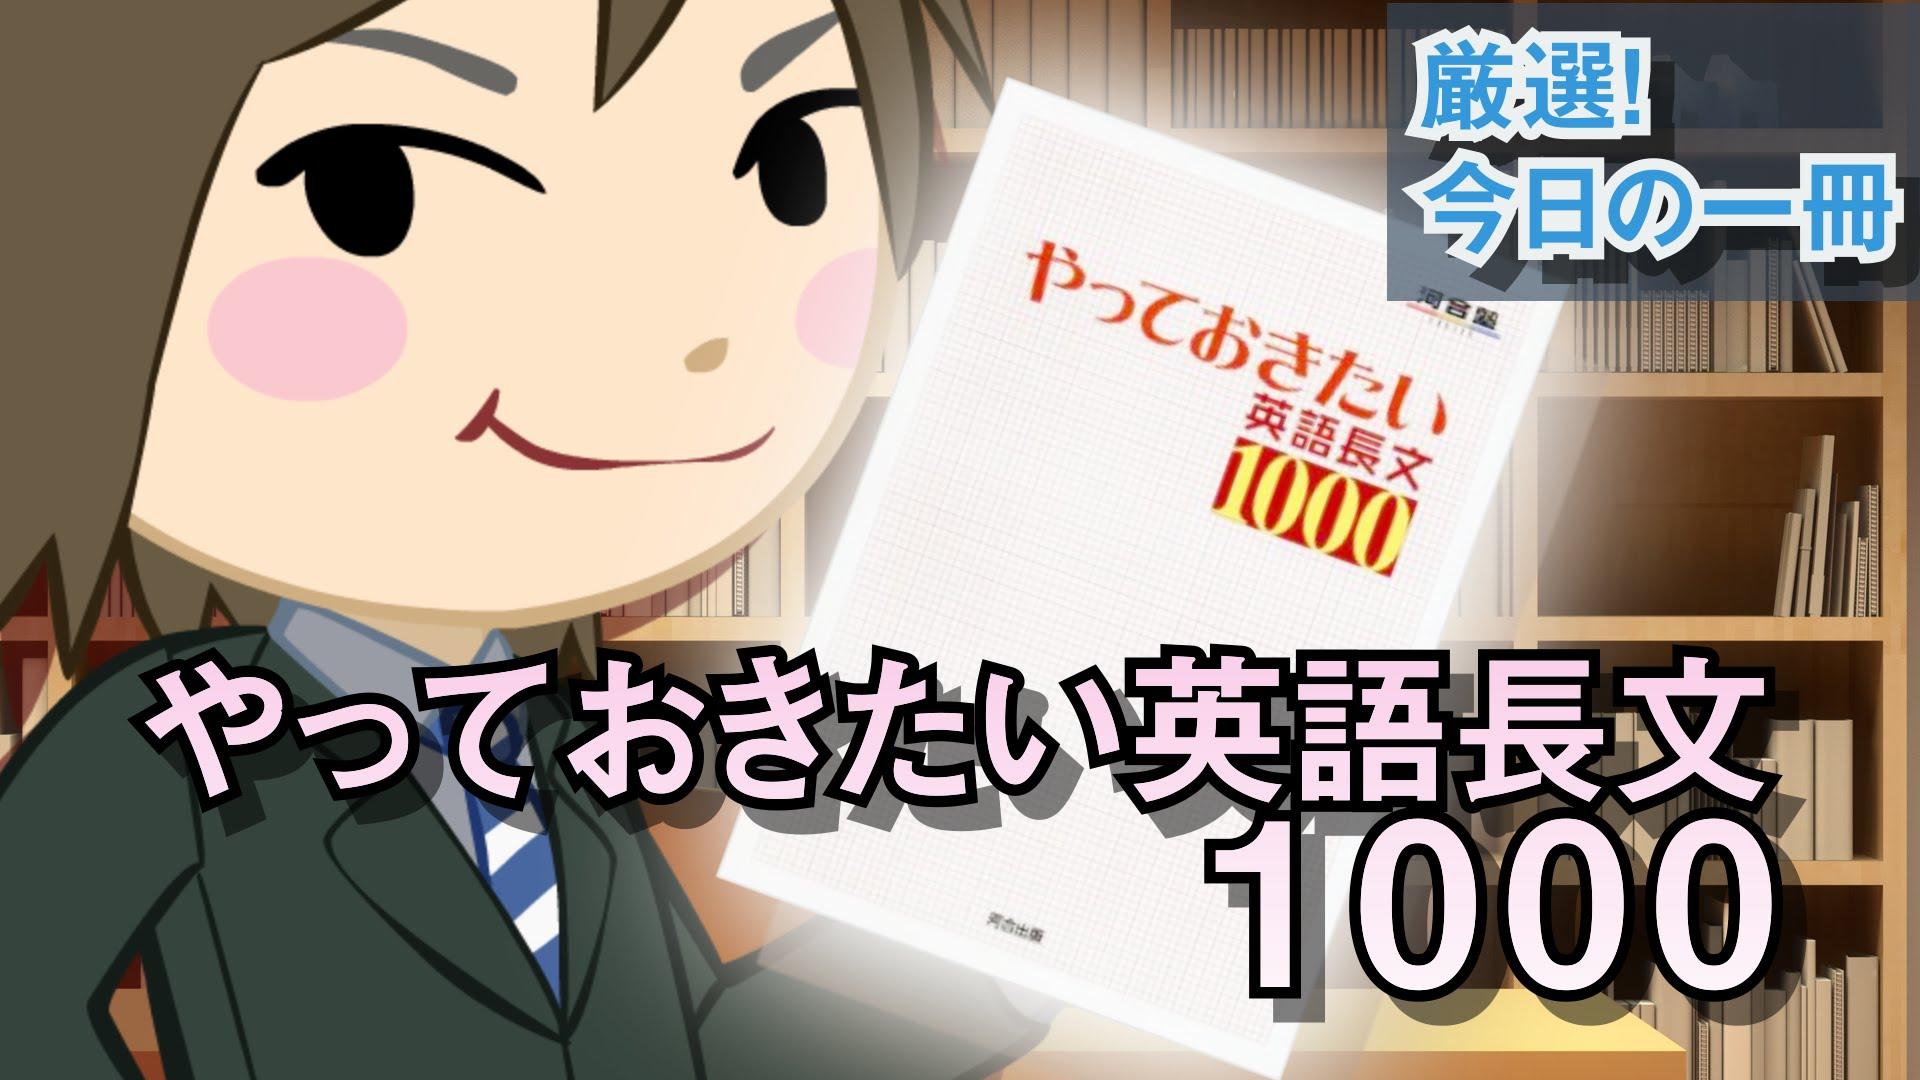 やっておきたい英語長文1000|武田塾厳選!今日の一冊